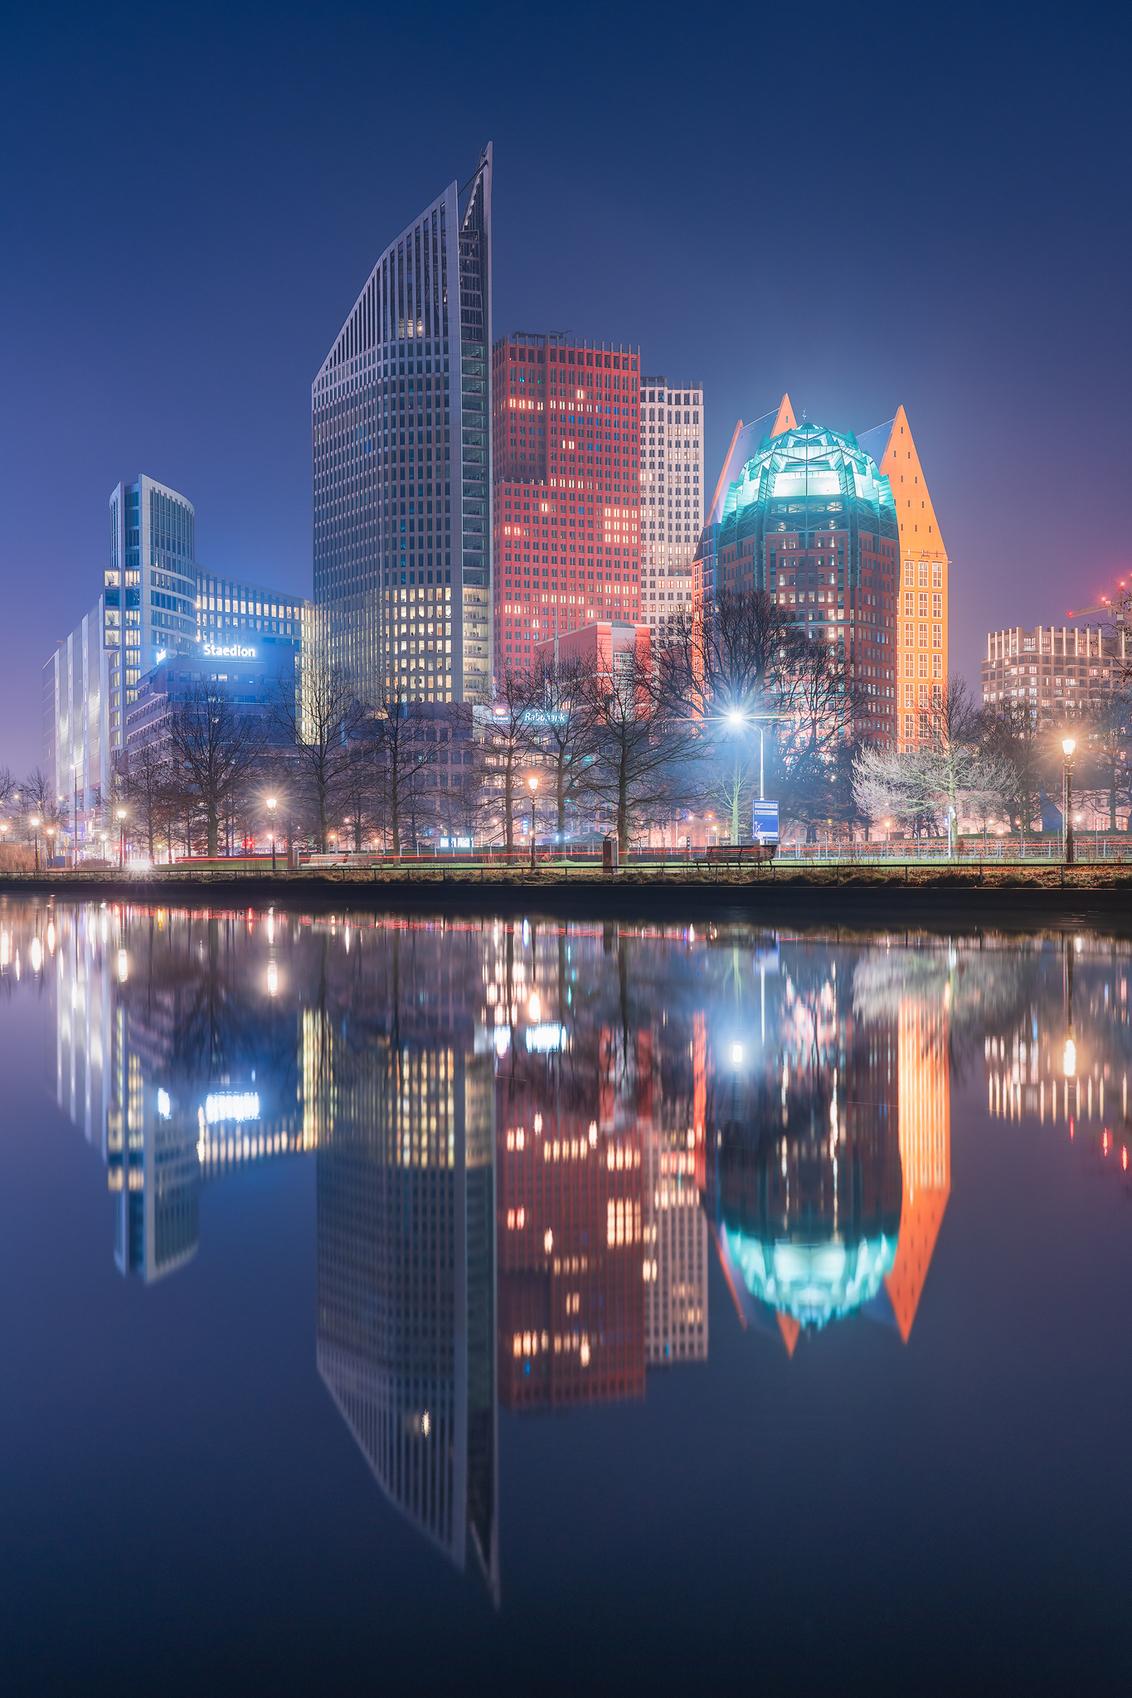 Skyline Den Haag - Een rustige avond met mooie condities voor goede refelecties. - foto door vincentfennis op 05-03-2021 - deze foto bevat: water, avond, architectuur, reflectie, gebouwen, stad, nacht, Den Haag